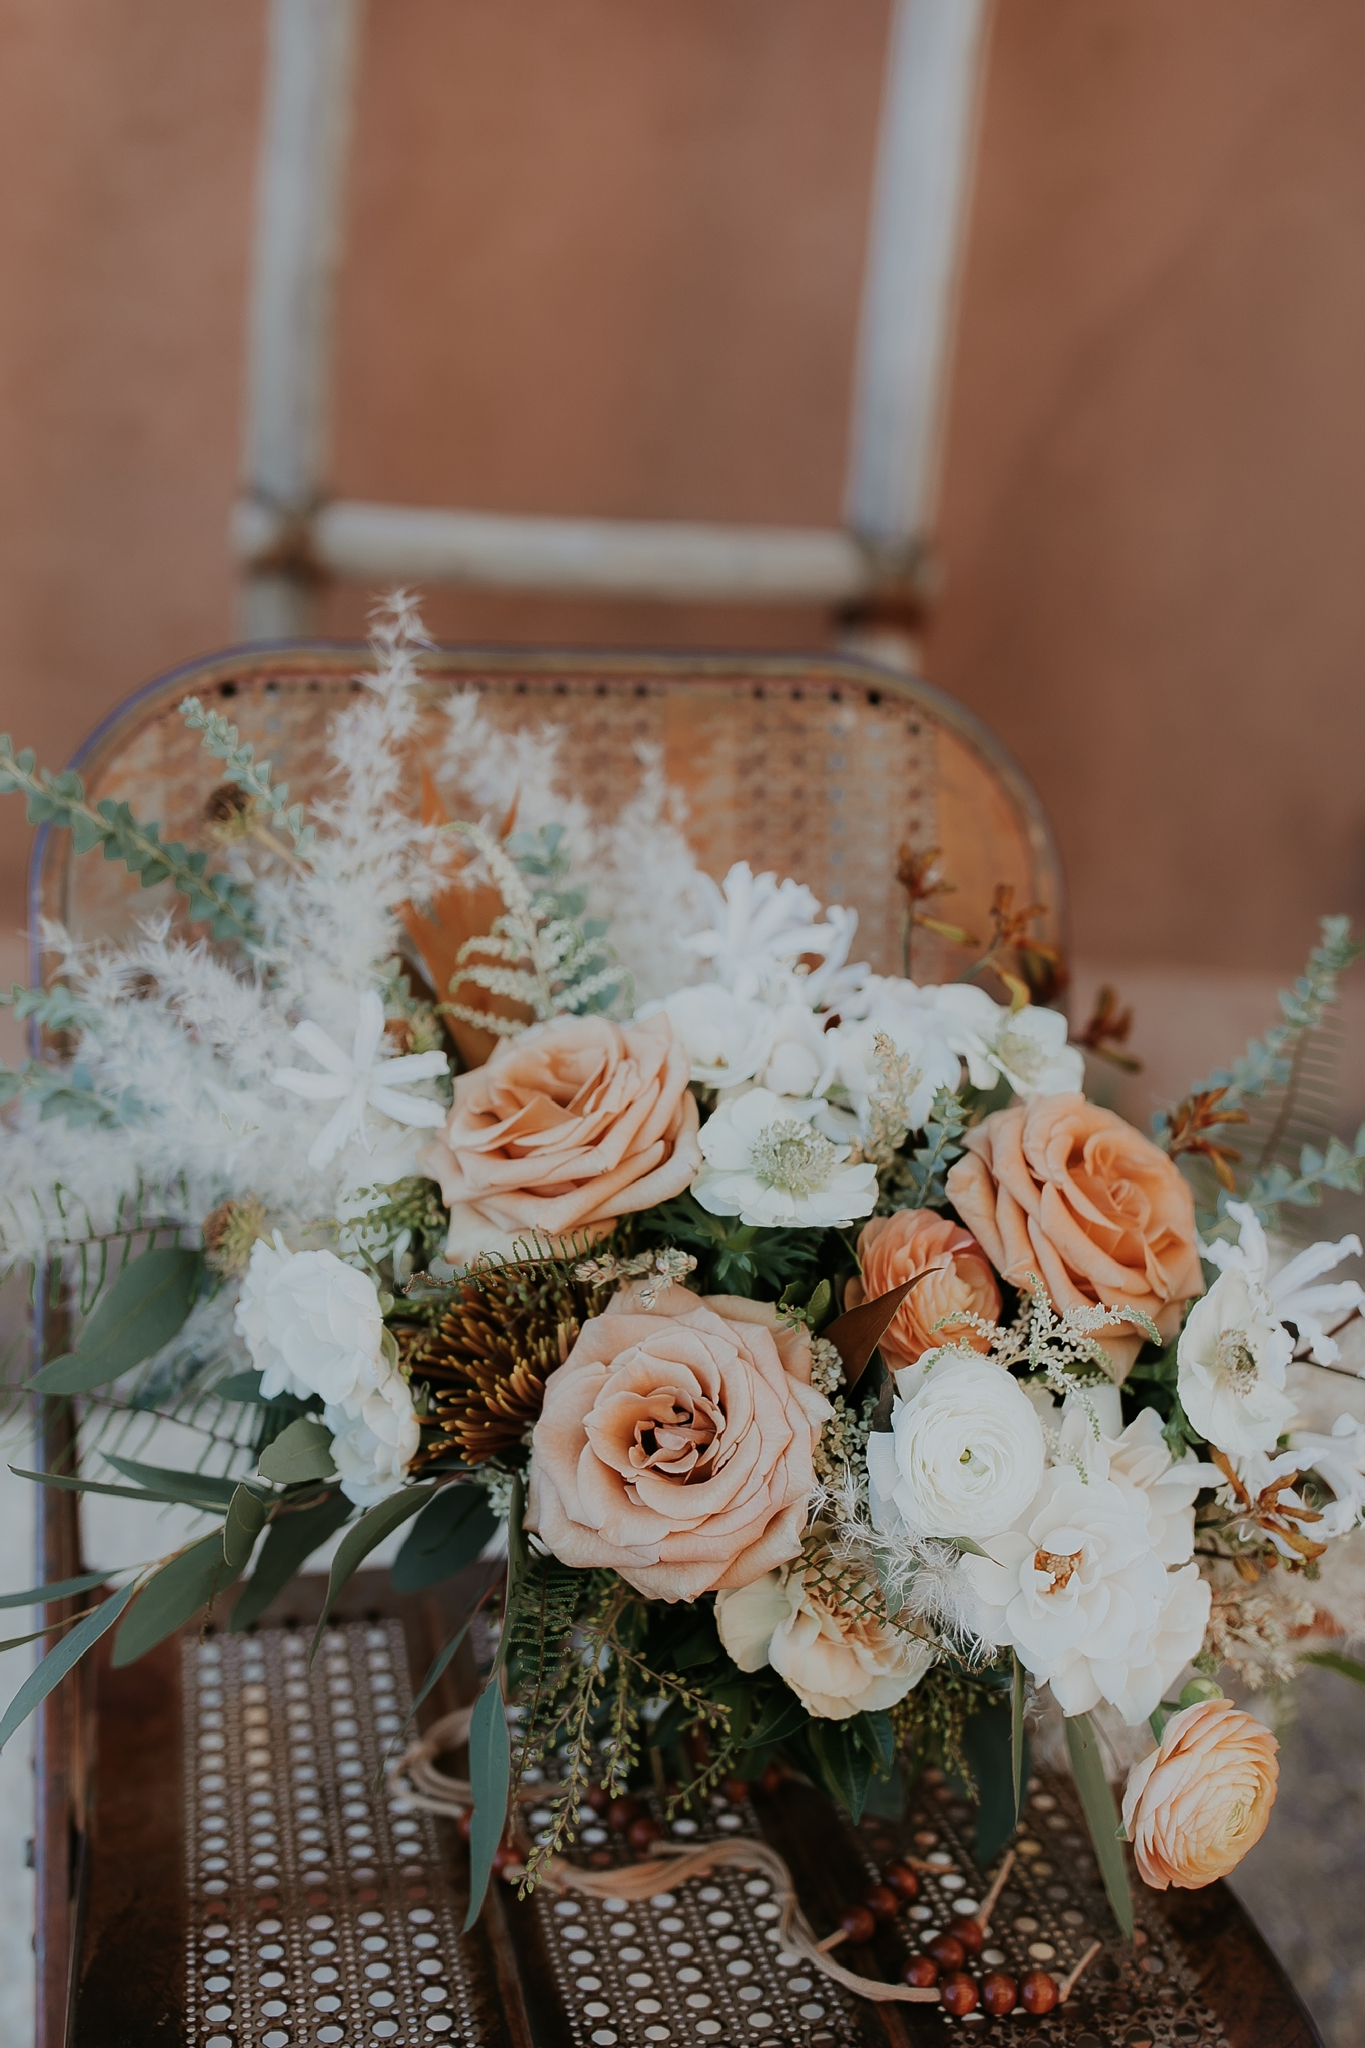 Alicia+lucia+photography+-+albuquerque+wedding+photographer+-+santa+fe+wedding+photography+-+new+mexico+wedding+photographer+-+new+mexico+wedding+-+new+mexico+wedding+-+wedding+florals+-+desert+wedding+-+wedding+trends_0058.jpg